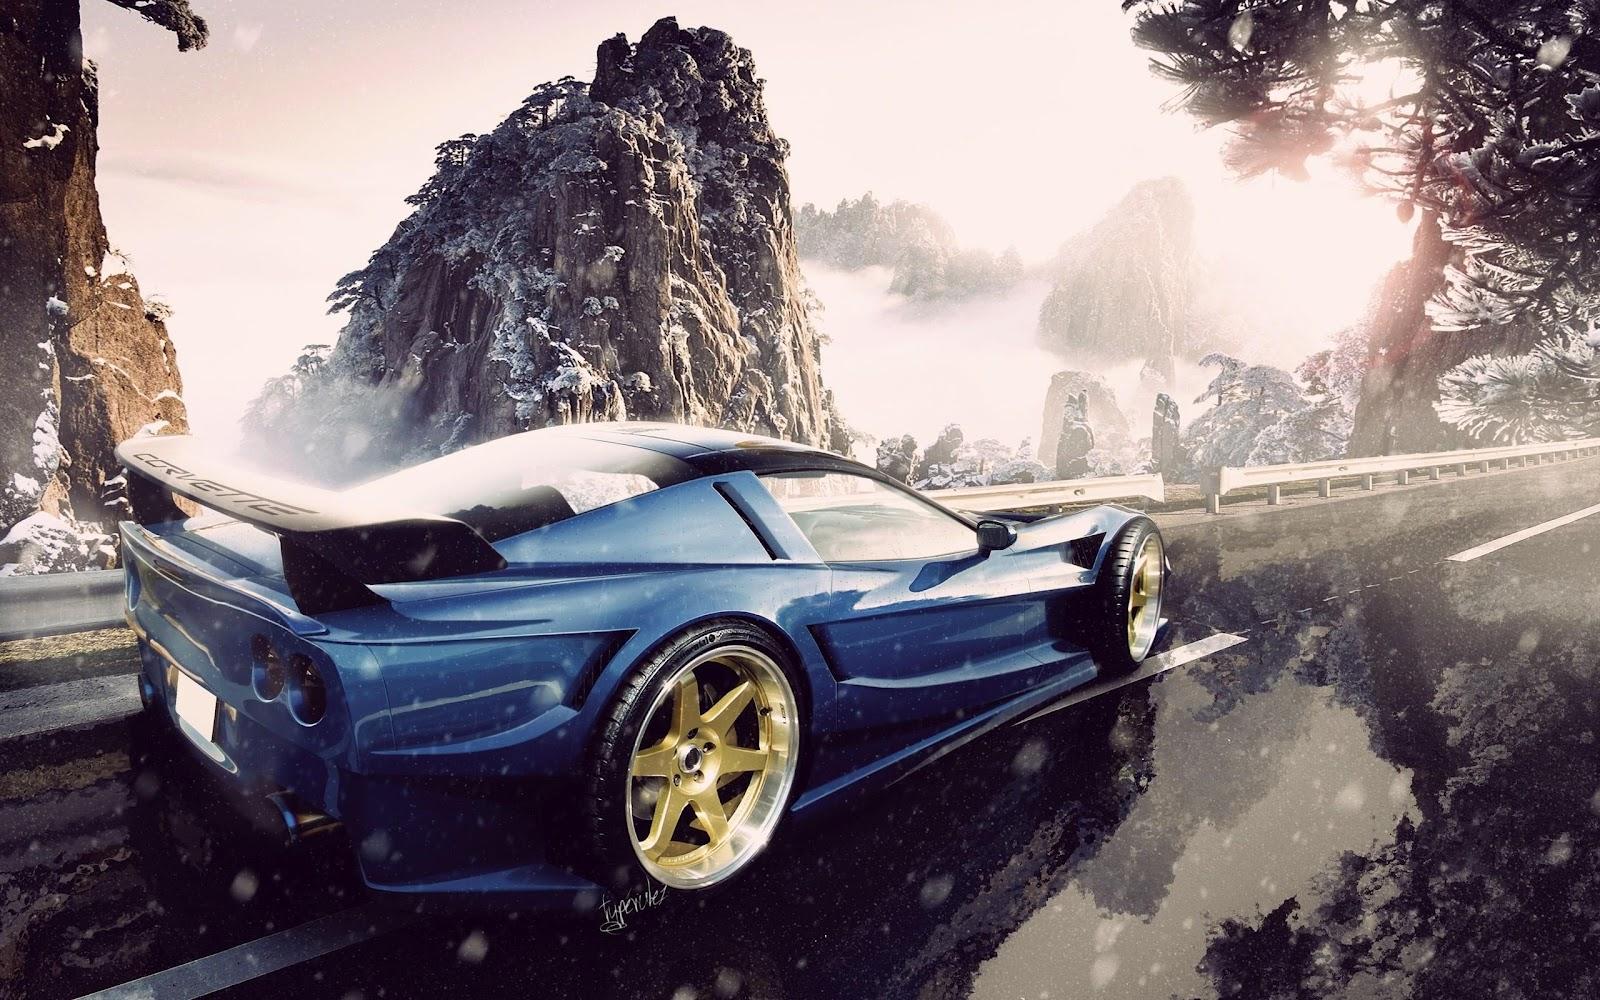 Hd Car Desktop Wallpaper Wallpapersafari